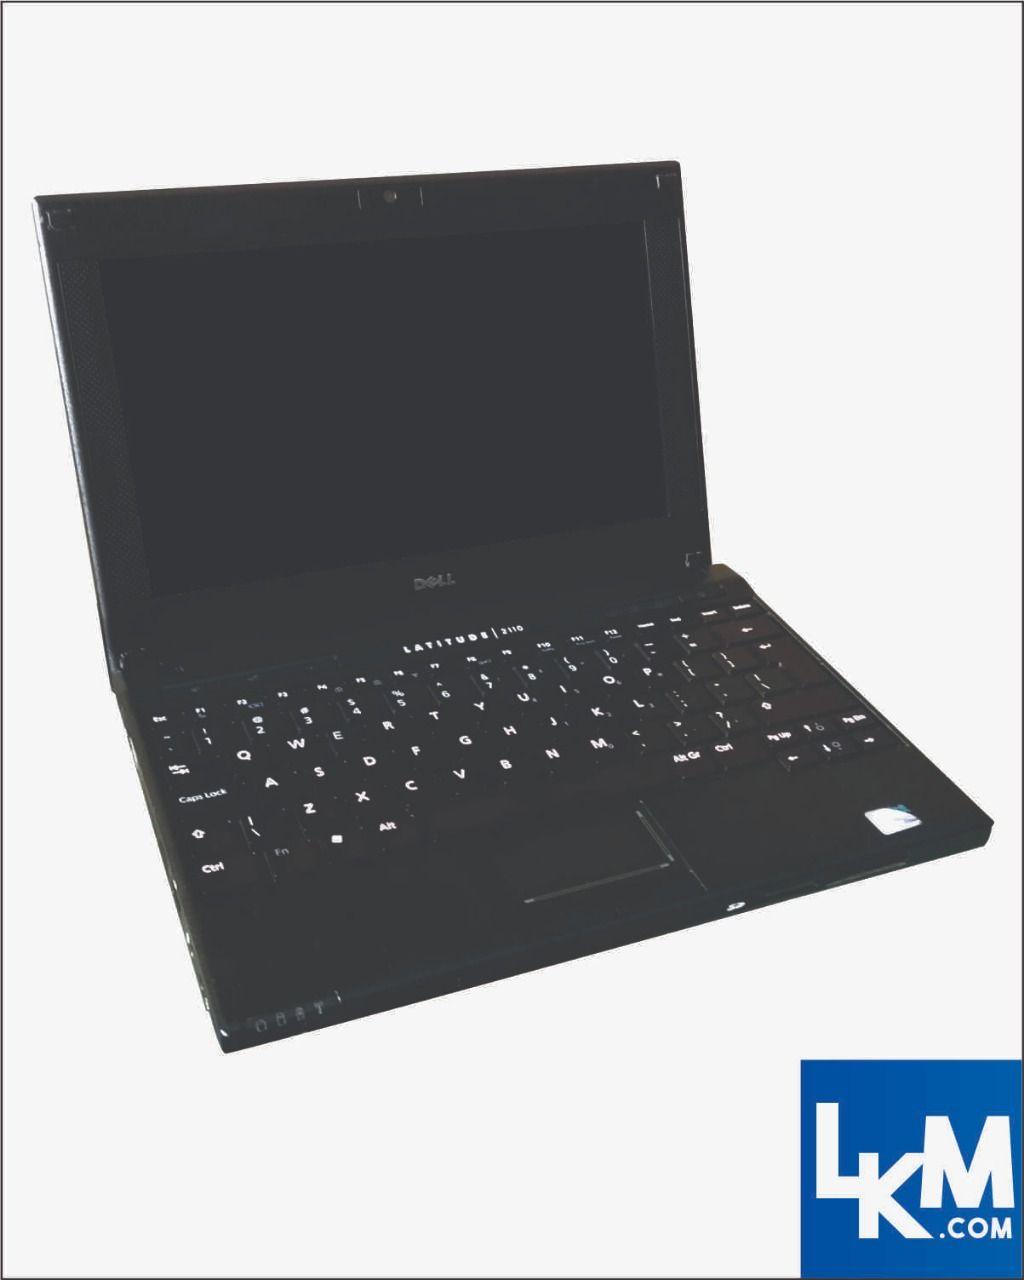 Harga Jual Laptop Dell Murah Picture Of Notebook Inspiron 14 6410 Core I7  Besar Besaran Latitude 2110